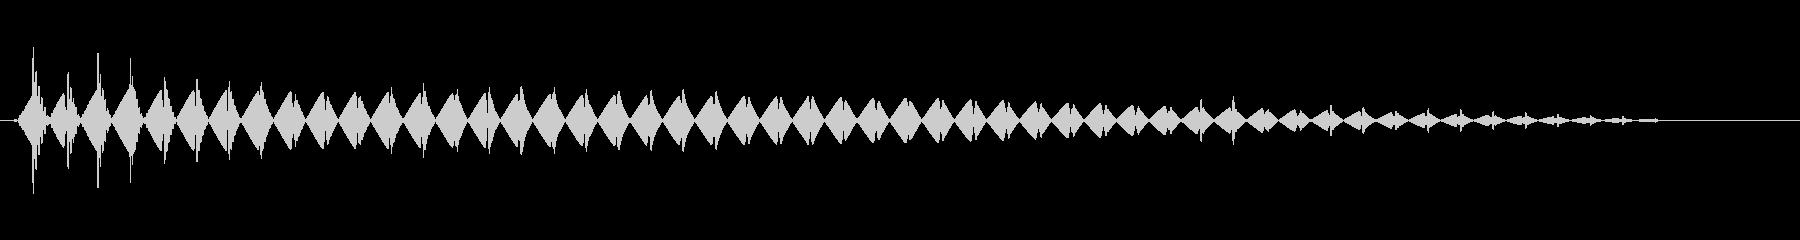 ブワ〜ン(不気味な敵の出現音)の未再生の波形